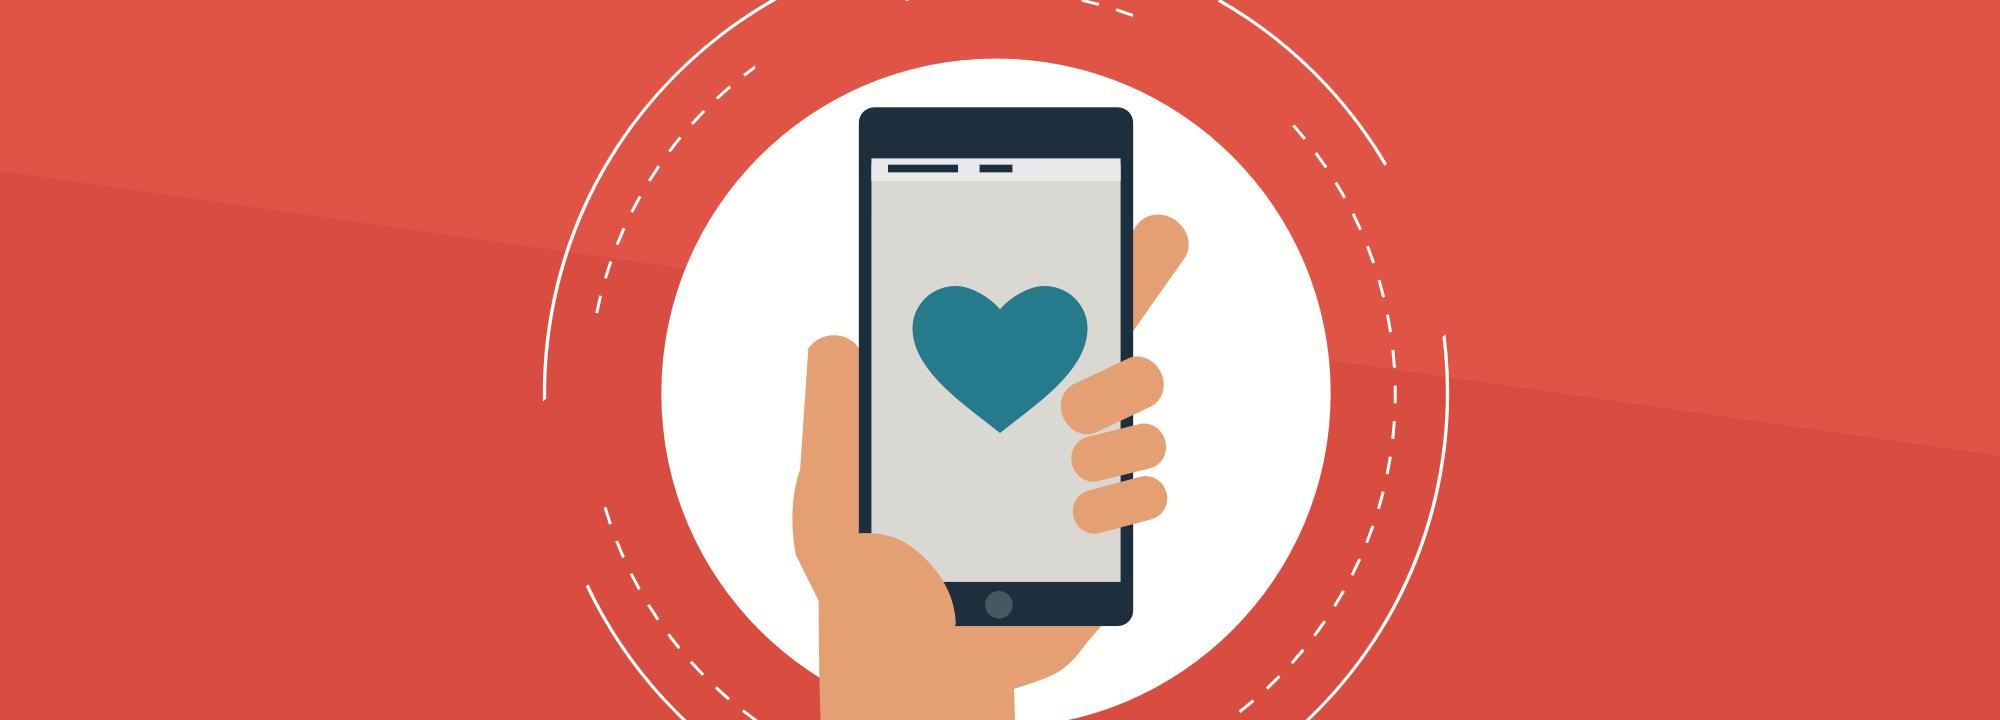 5 Dicas Rápidas para Aumentar o Engajamento do Usuário do seu Aplicativo